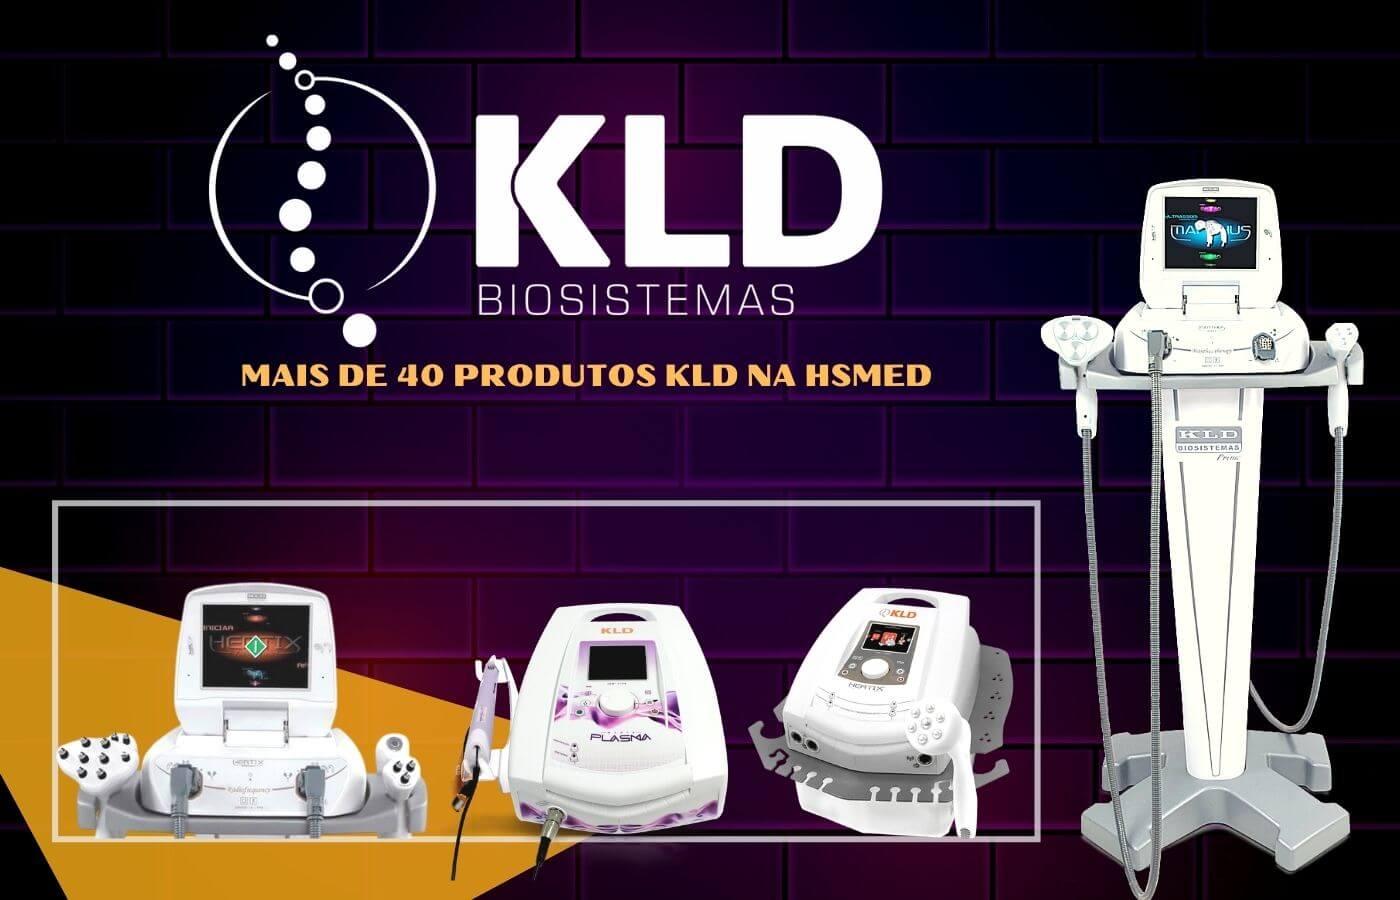 KLD Biosistemas – Conheça Sua História e Principais Aparelhos